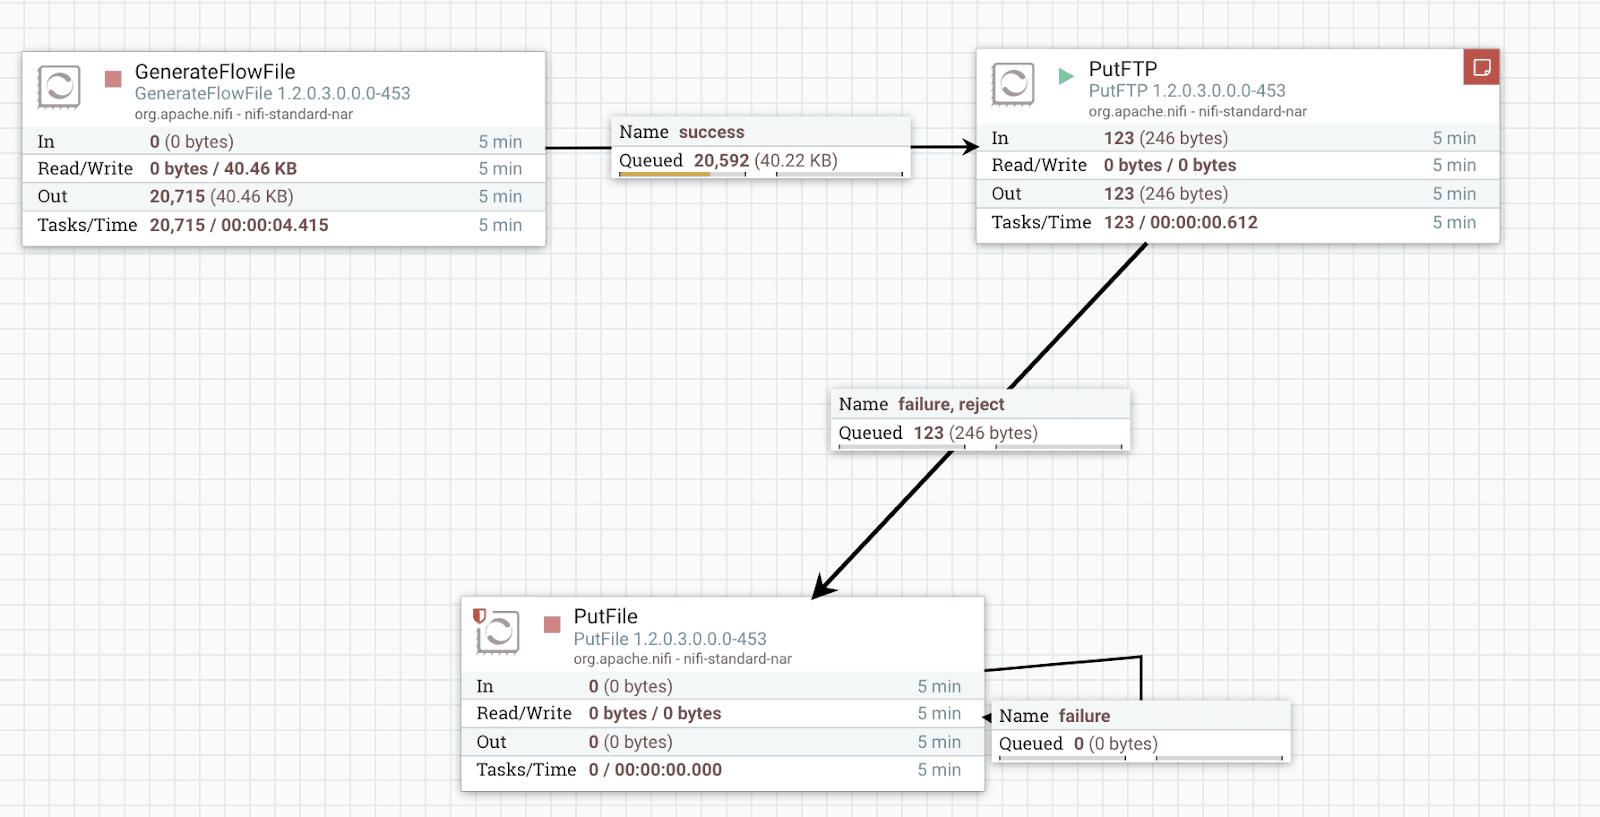 Ejemplo de Flujo en Apache NiFi